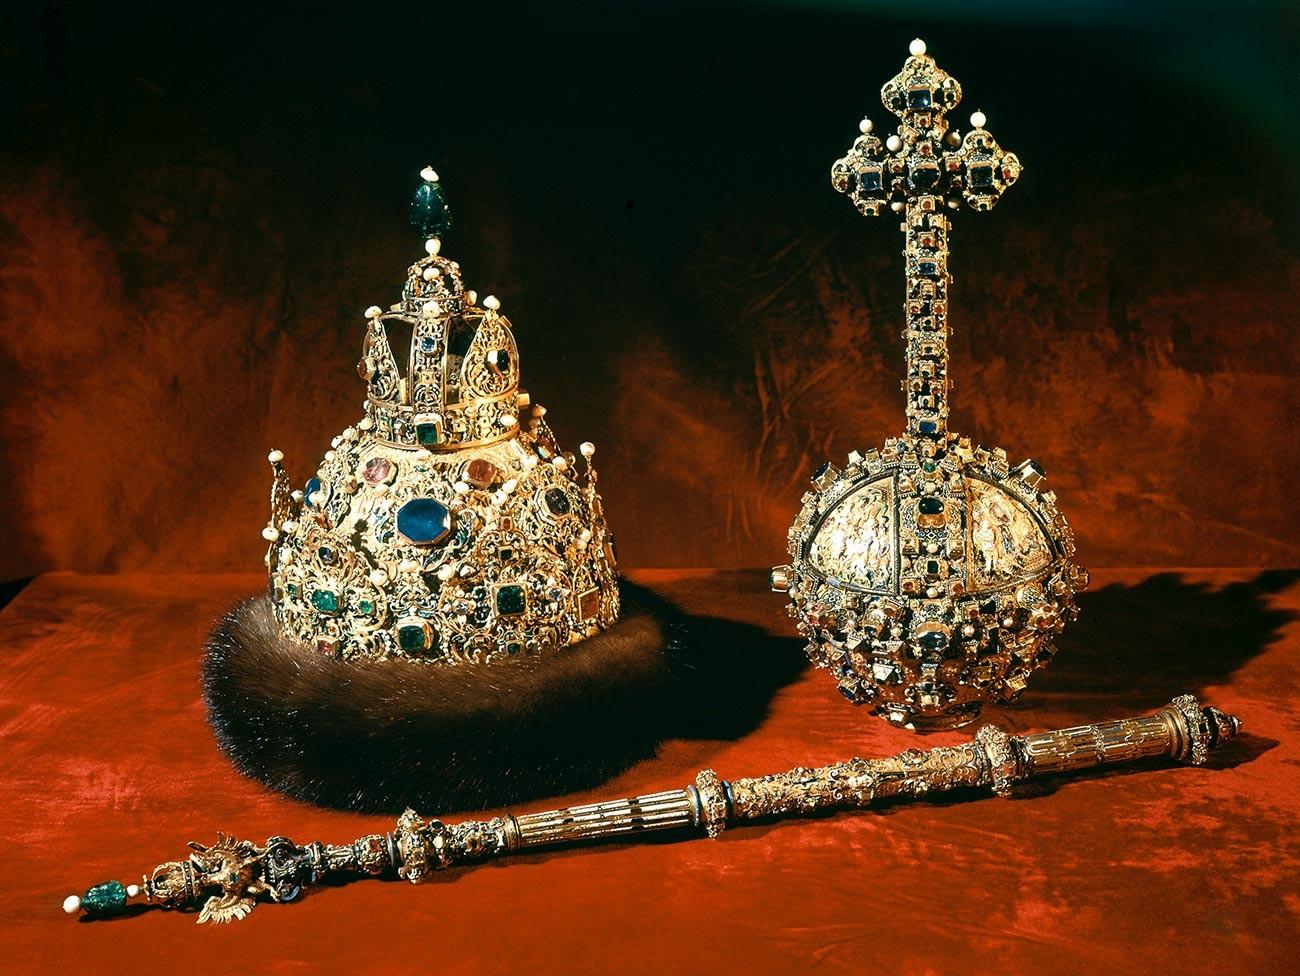 Regalia tsar Rusia: mahkota, tongkat kerajaan, dan bola (orb).